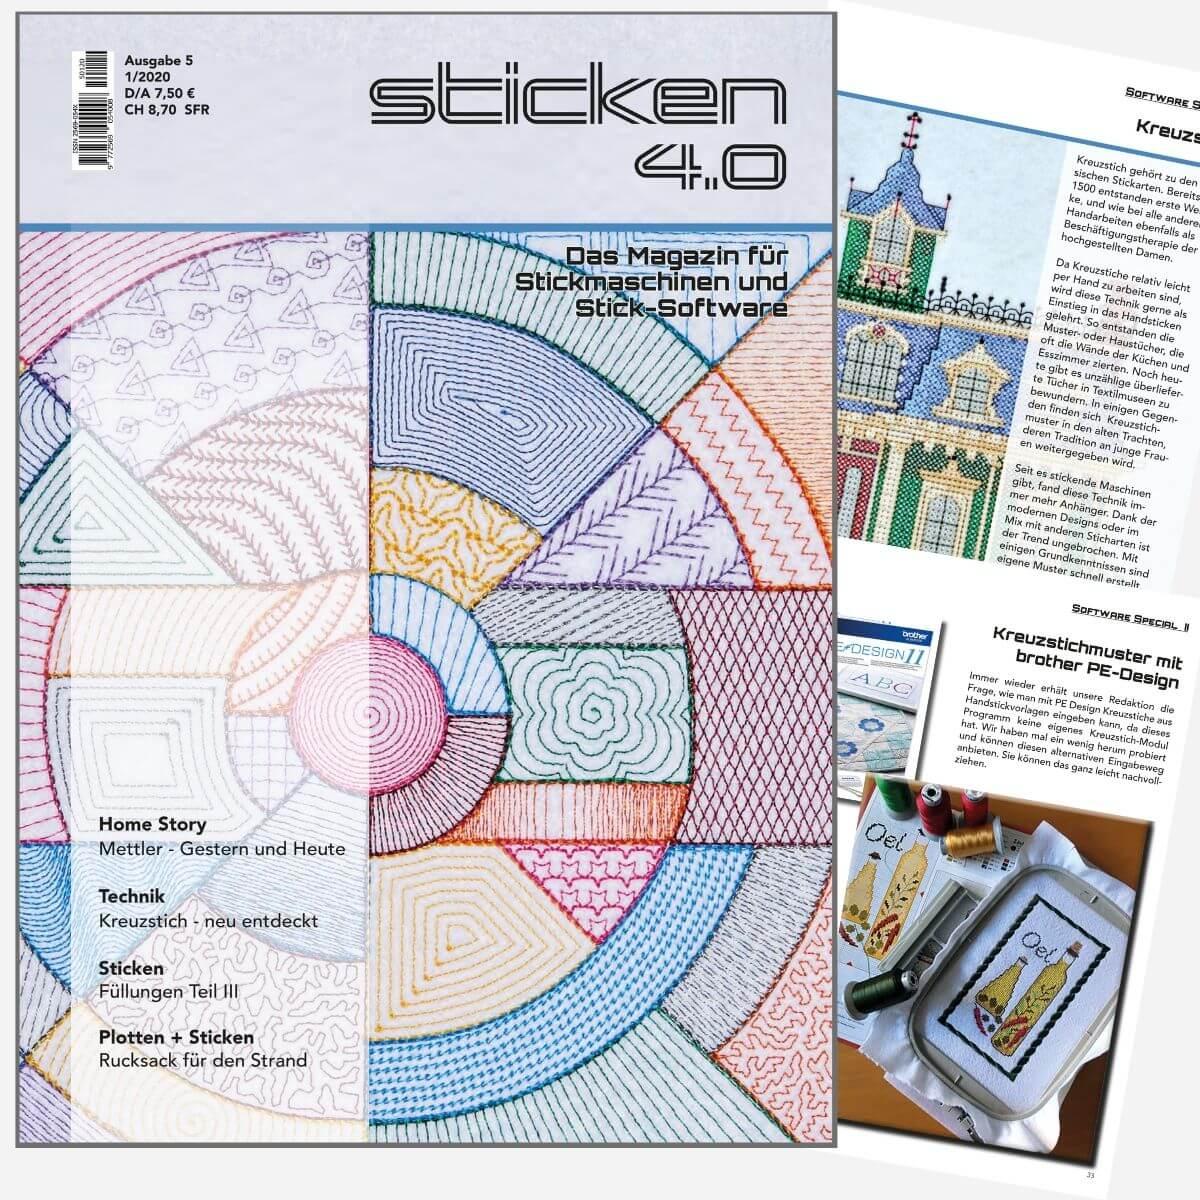 Sticken 4.0 - Das Magazin für Stickmaschinen und Software  - Ausgabe  Jan. 2020